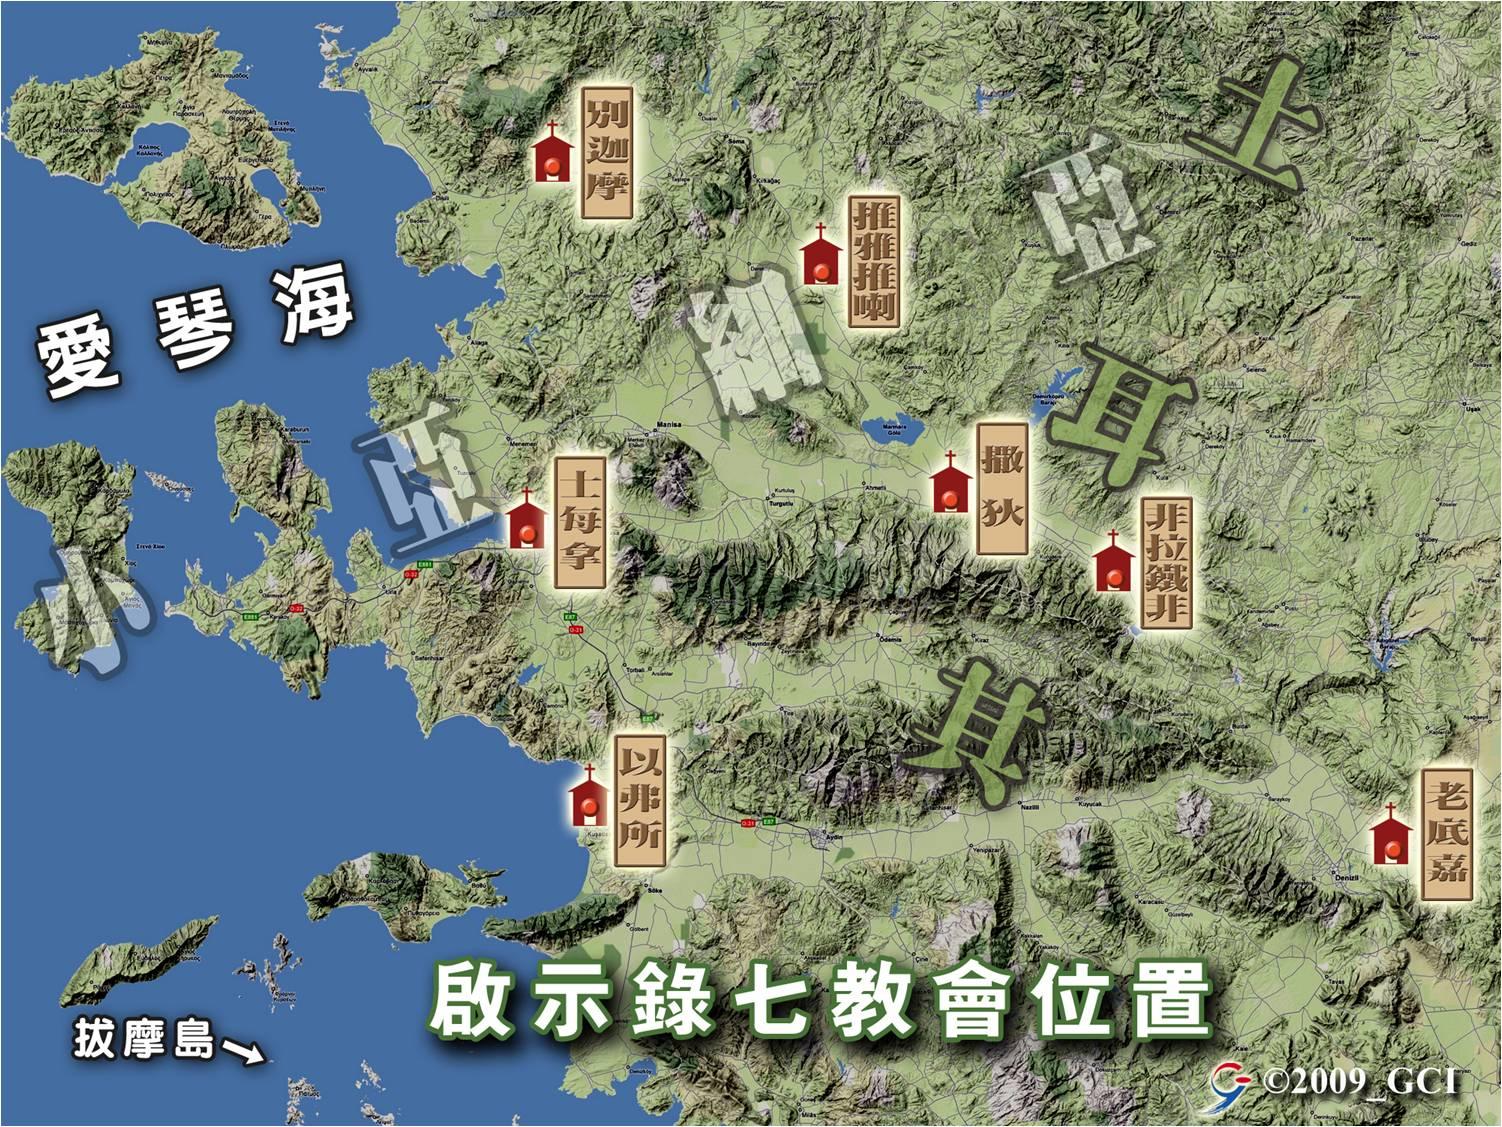 2009 全卡城粵語研經培靈會圖片 – CCEMA.ca